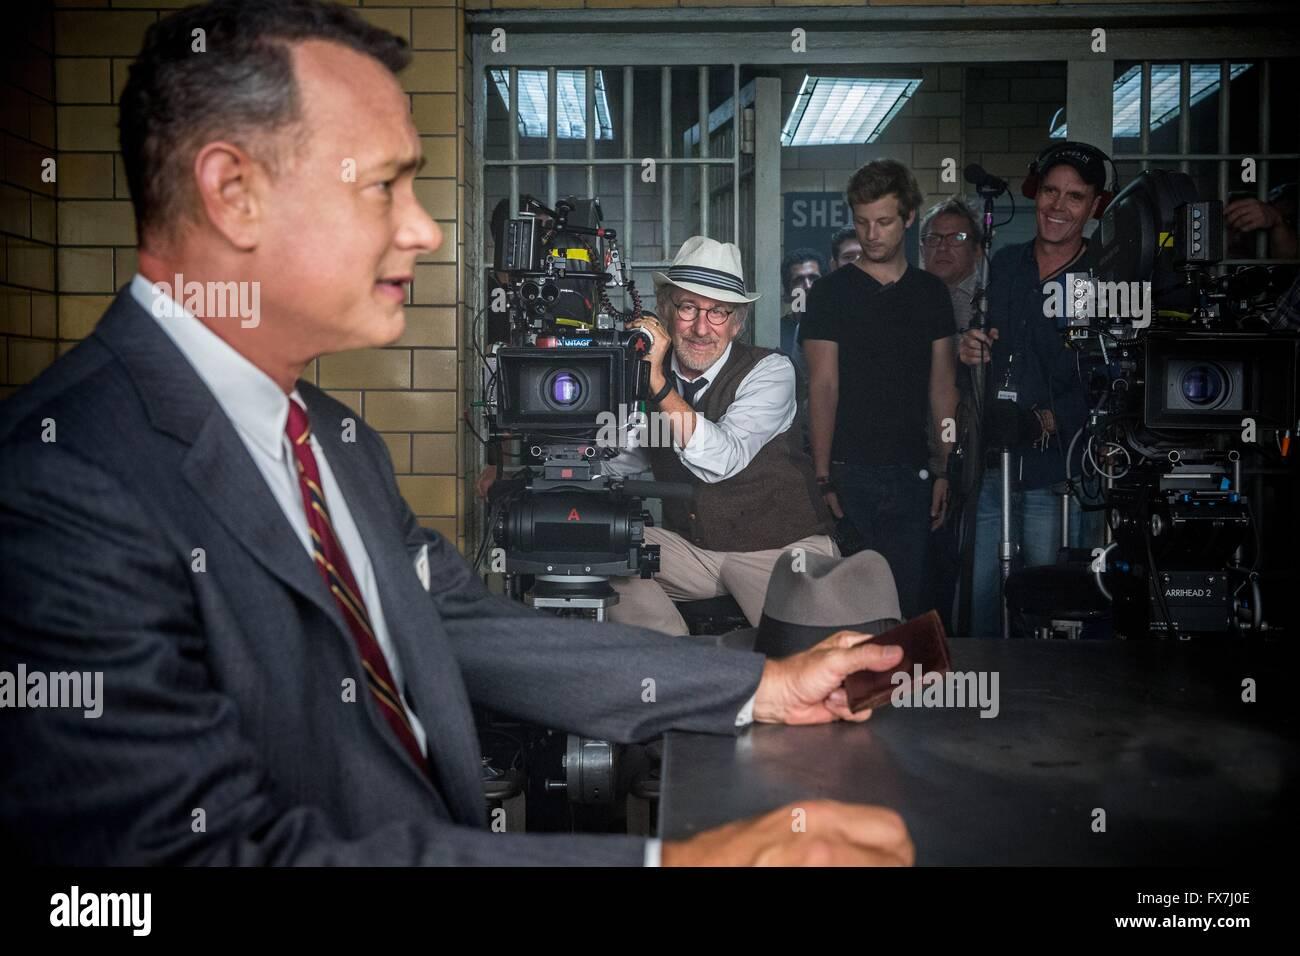 Bridge of Spies Year : 2015 UK Director : Steven Spielberg Tom Hanks, Steven Spielberg Shooting picture - Stock Image